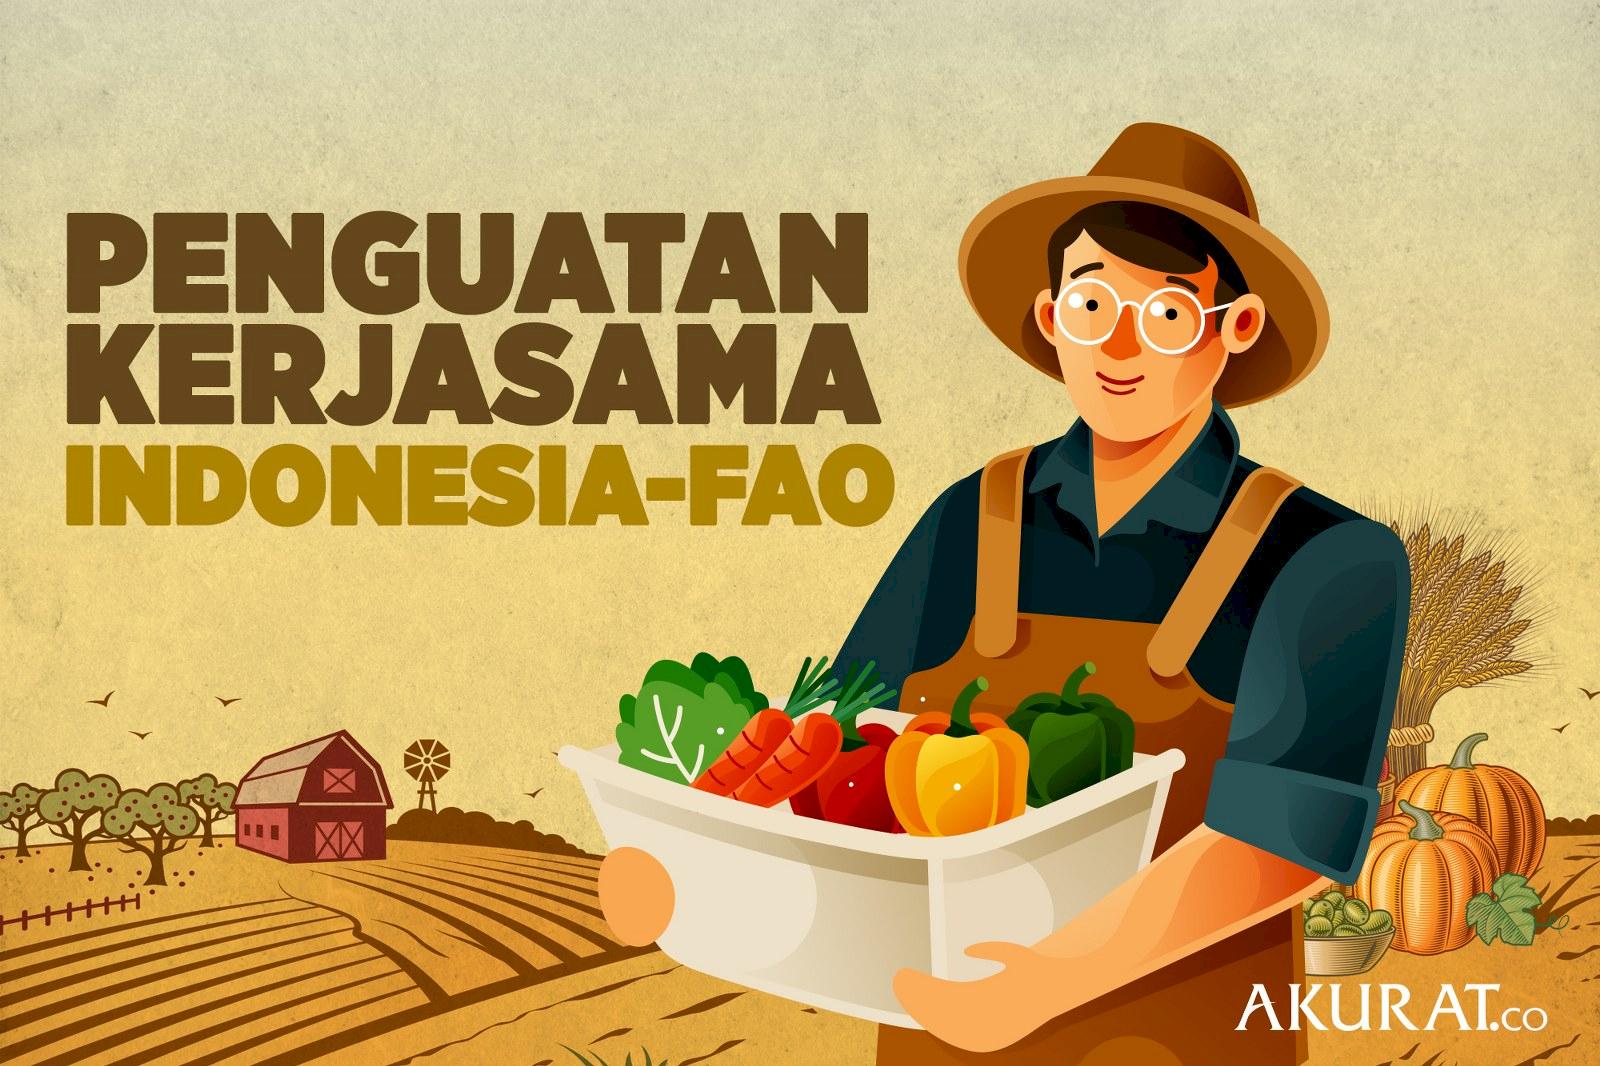 PENGUATAN KERJASAMA INDONESIA - FAO